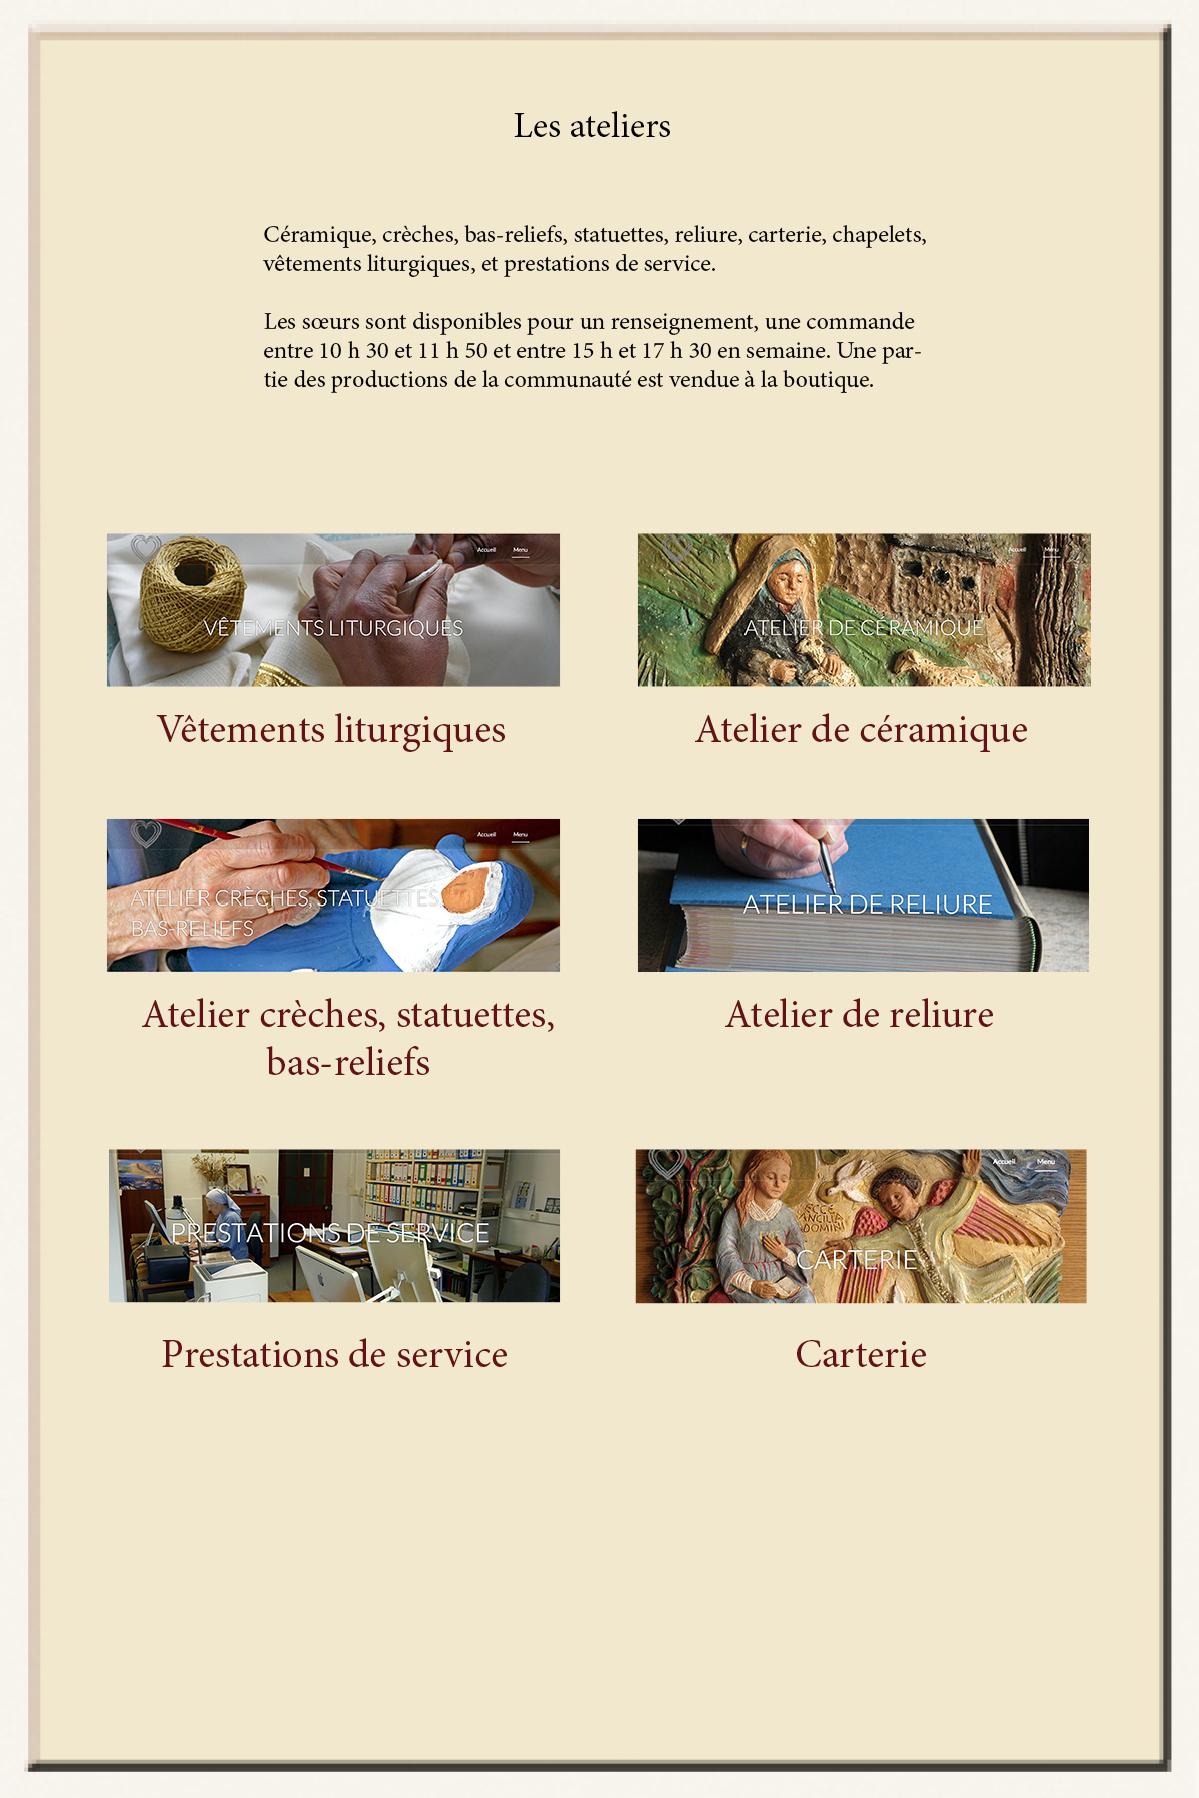 les_ateliers_v3